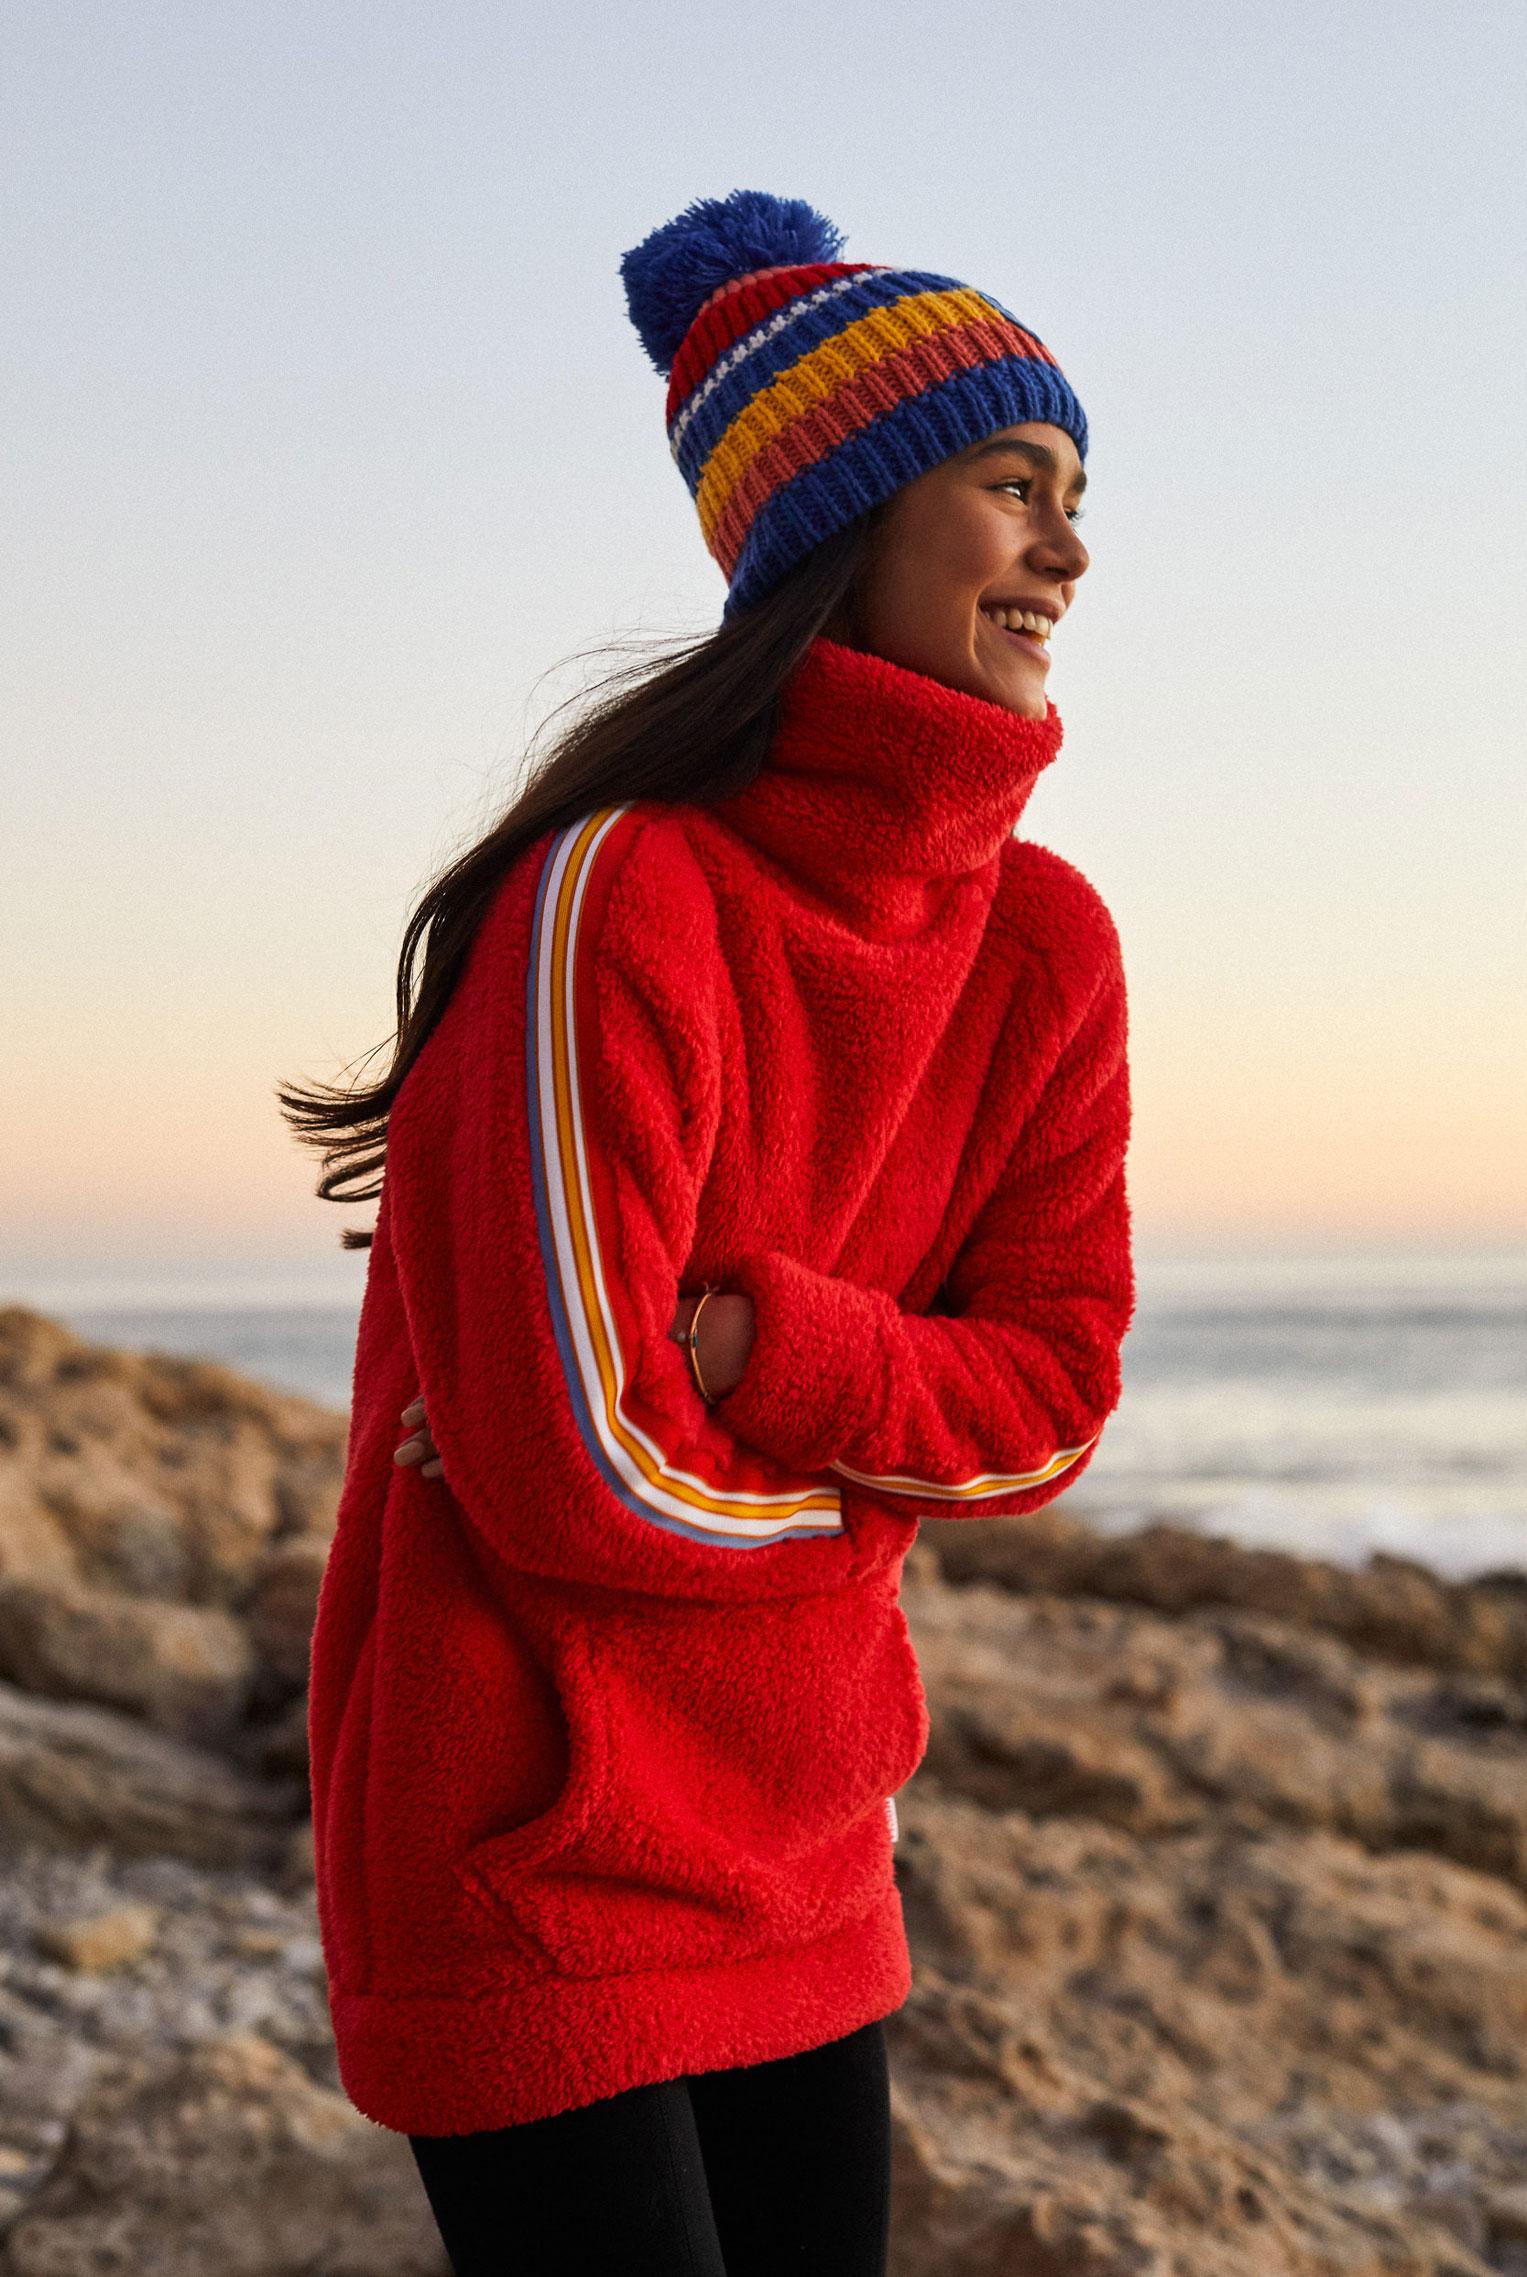 Наринэ Матецкая в модной одежде BananaMoon, коллекция осень/зима 2019/20 / фото 22